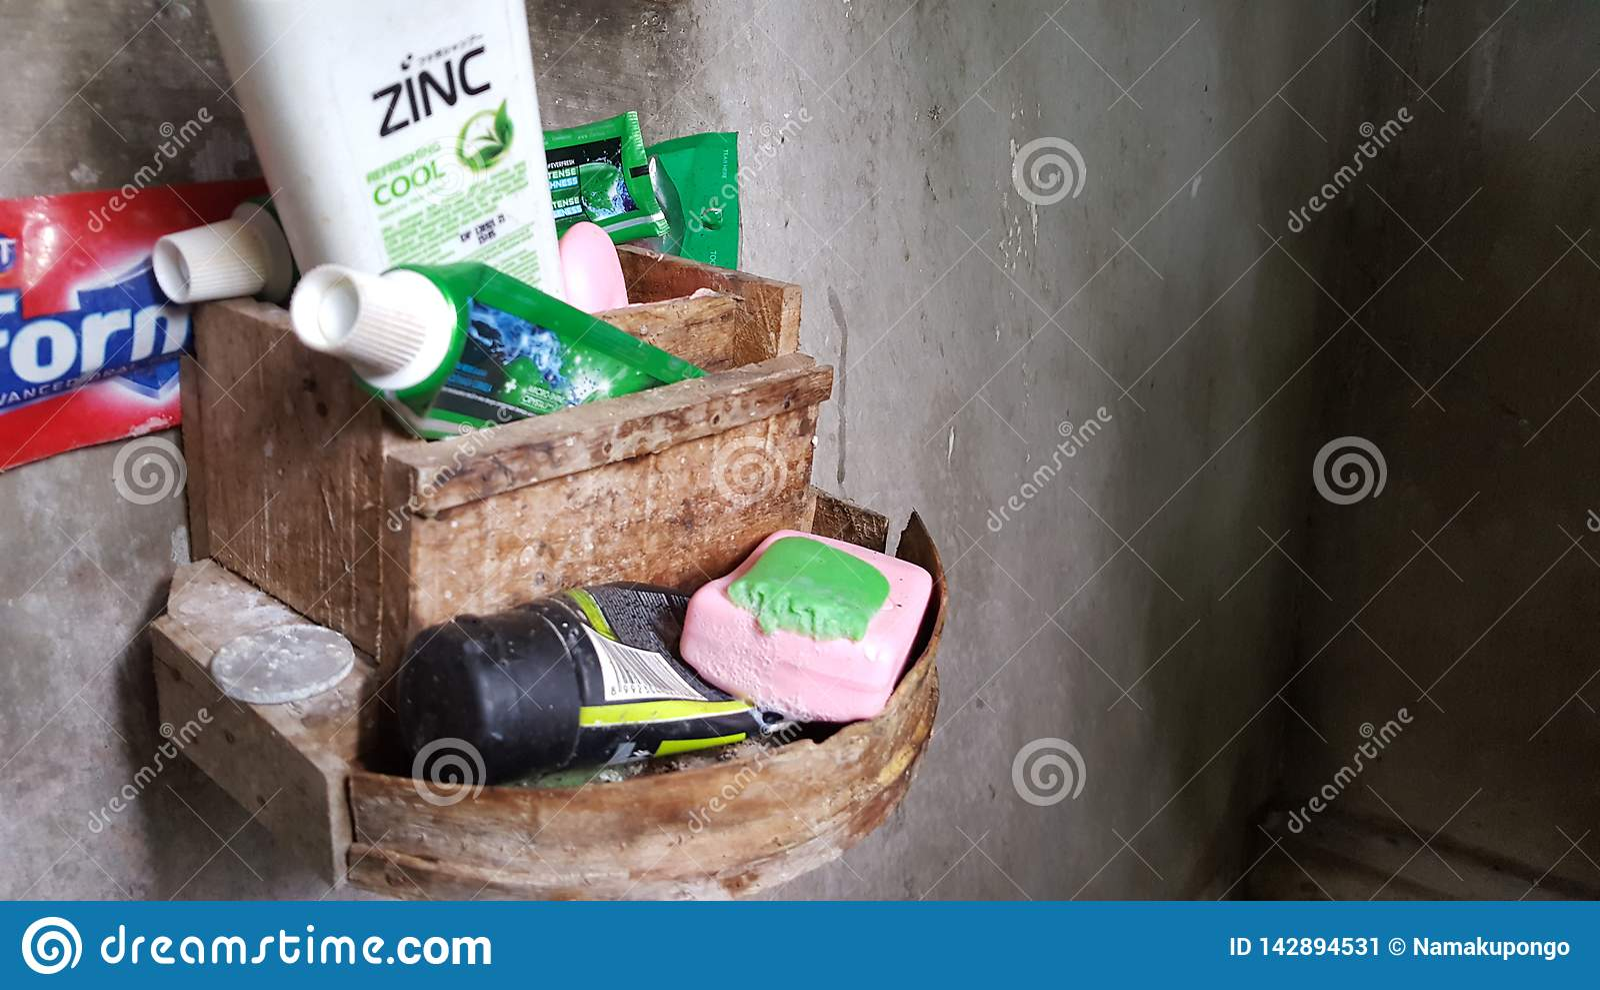 Toiletries, mydło, pasta do zębów, toothbrushes, szampon